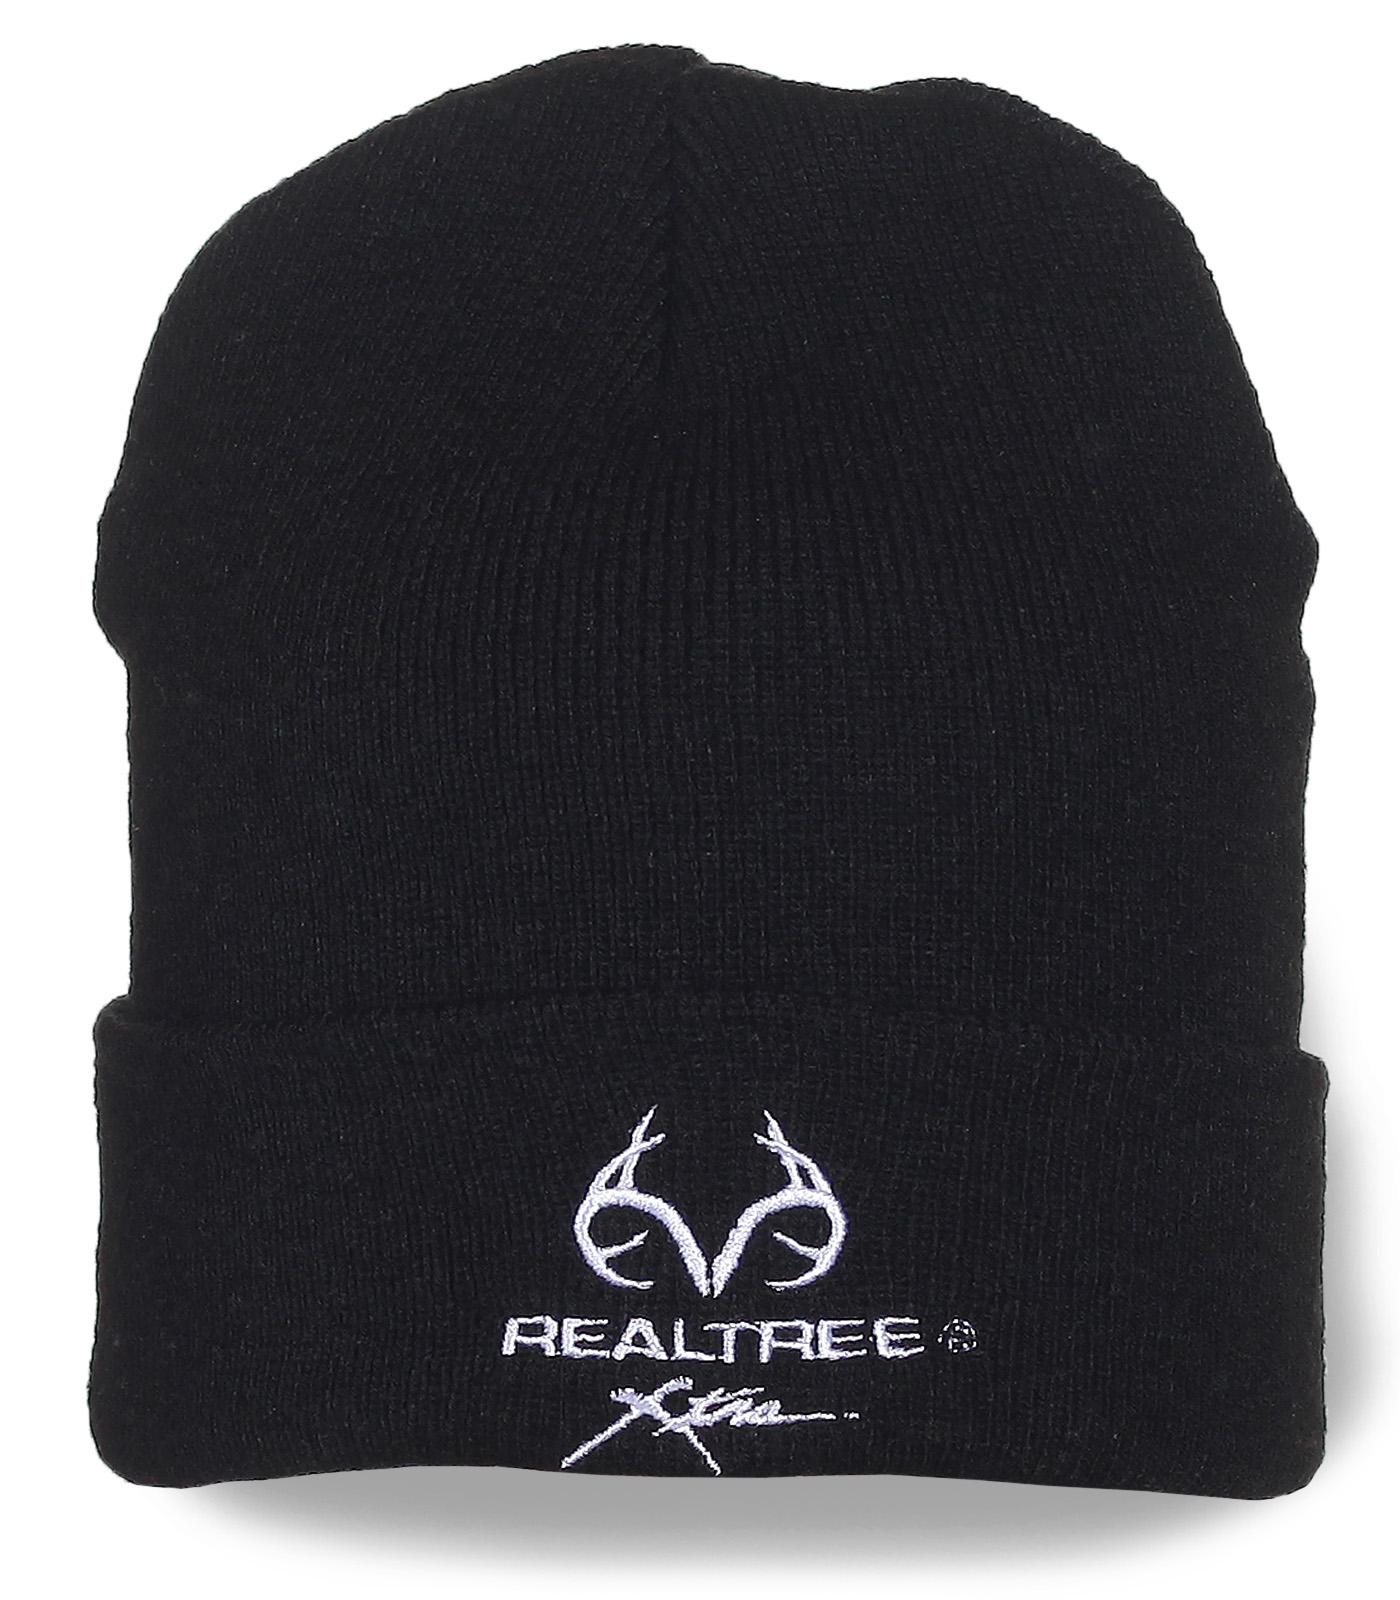 Мужская шапка Realtree черного цвета